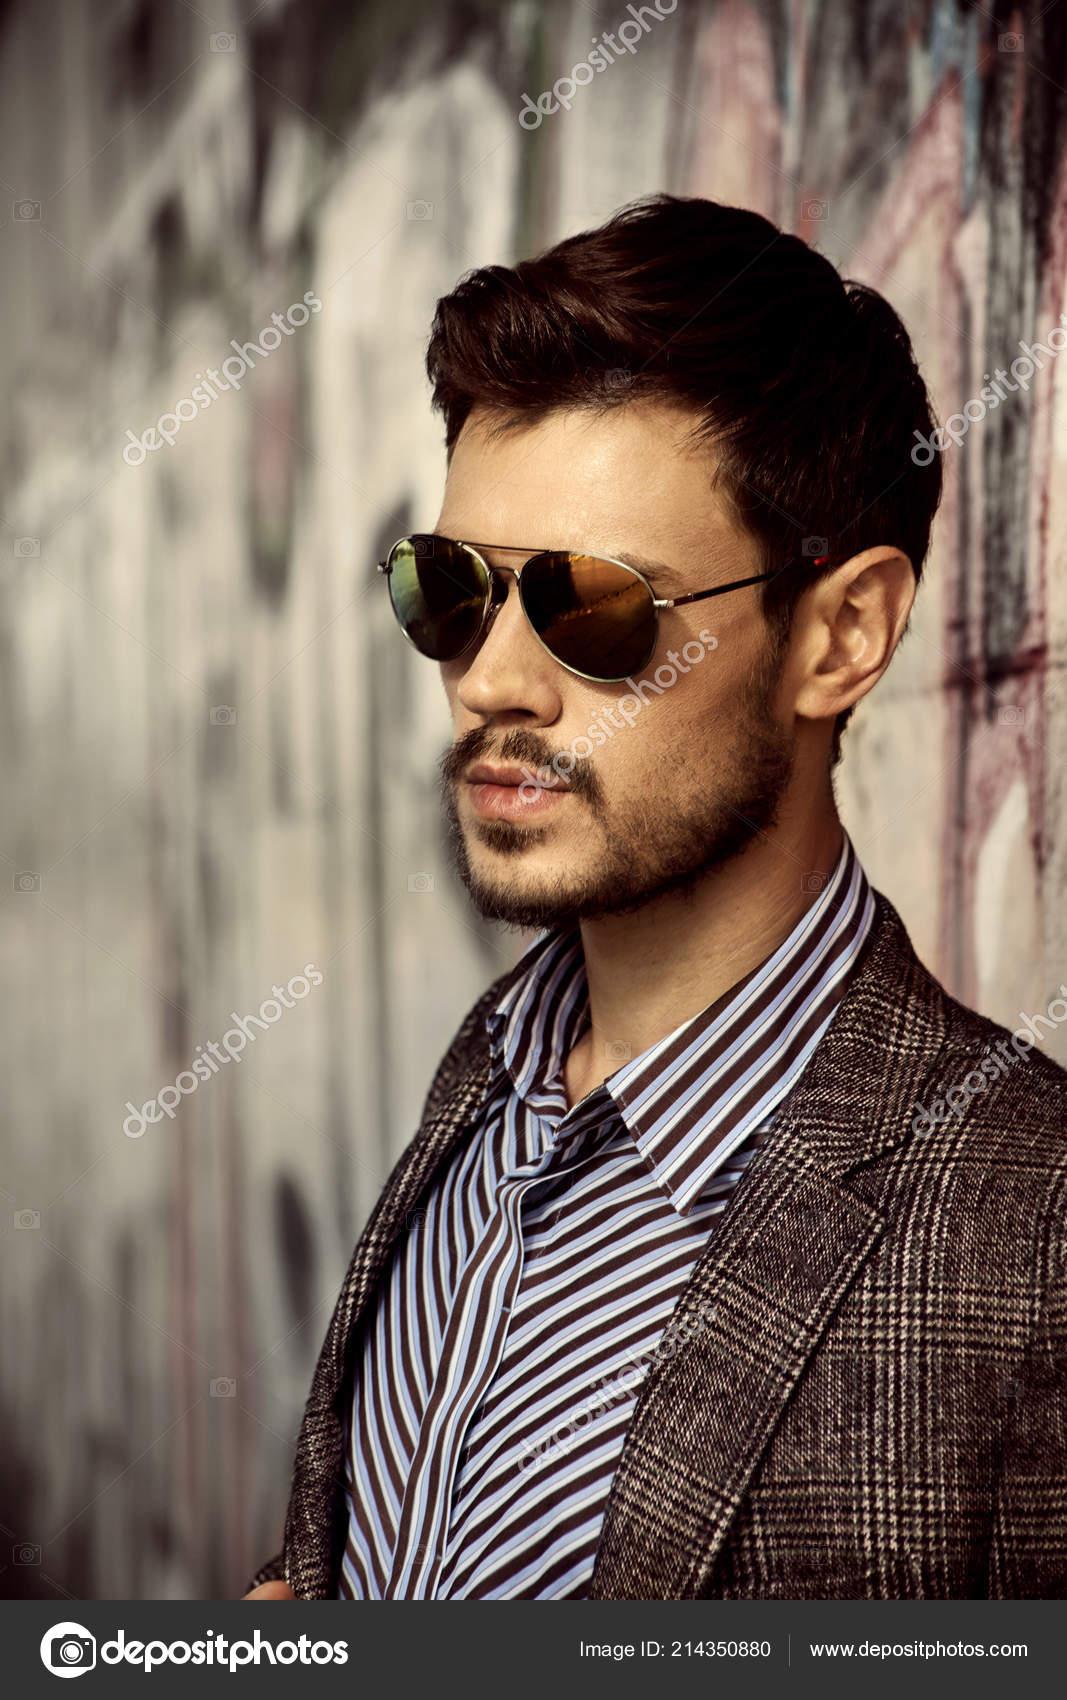 29a3720b4 Homem Estiloso Óculos Sol Elegante Casaco Posando Parede Grafite —  Fotografia de Stock